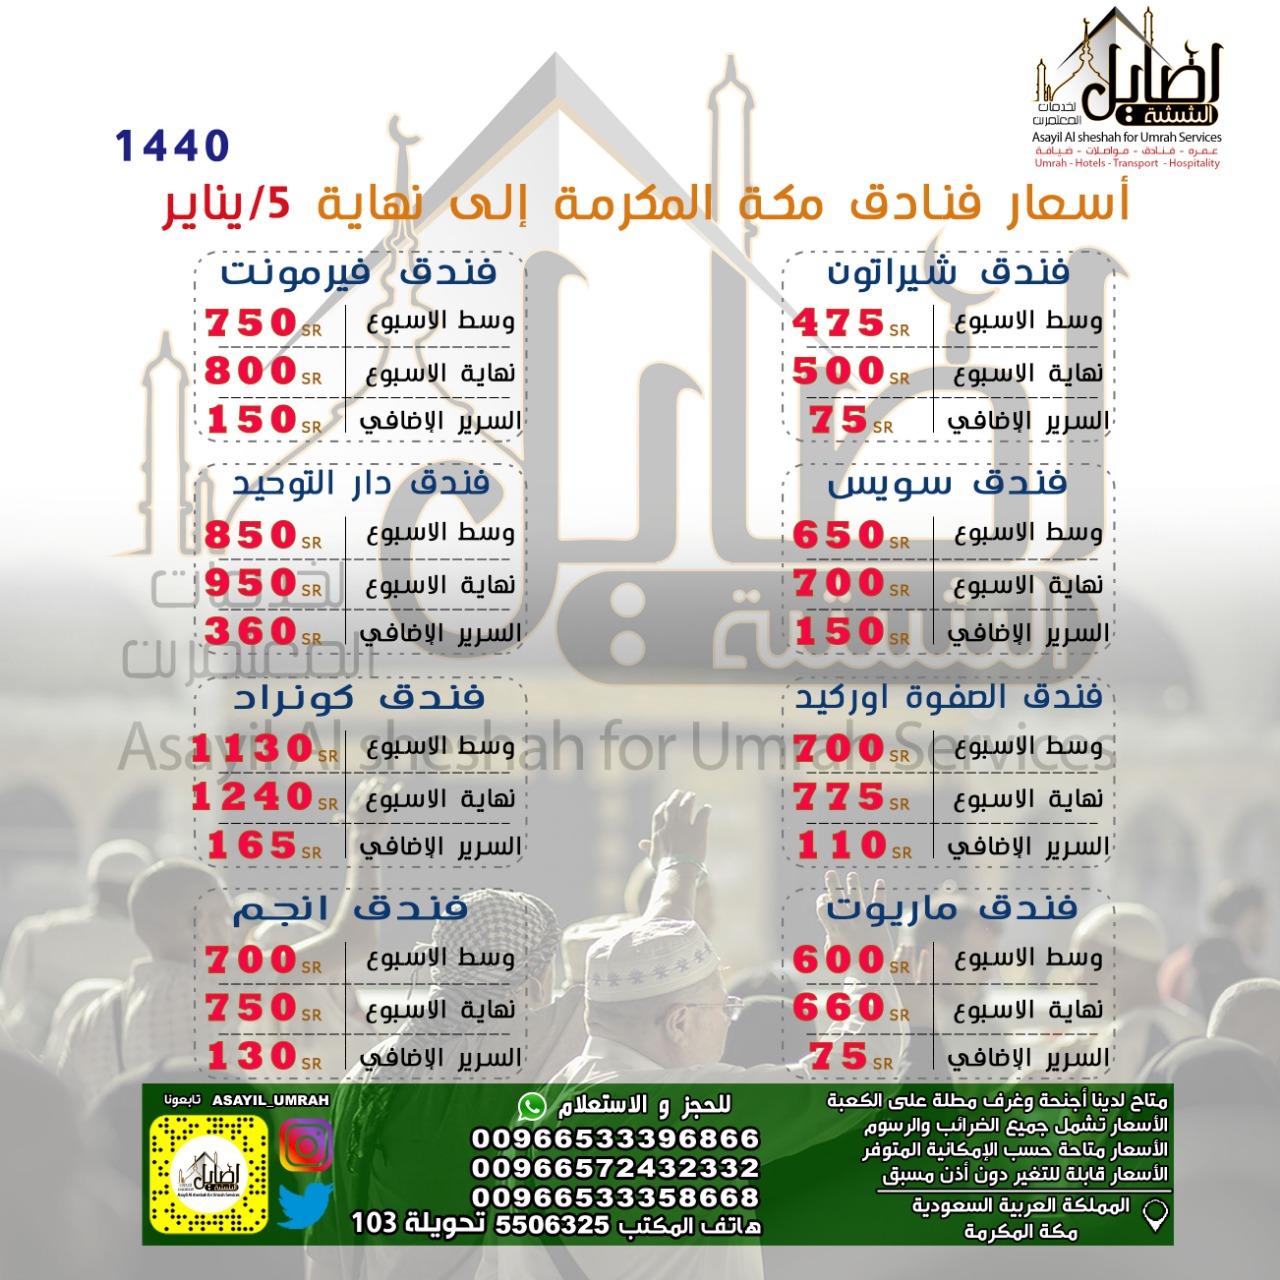 اصايل الششه لحجز فنادق في مكه المكرمه فنادق الأقرب من الحرم0572432332 P_1047e1bed0